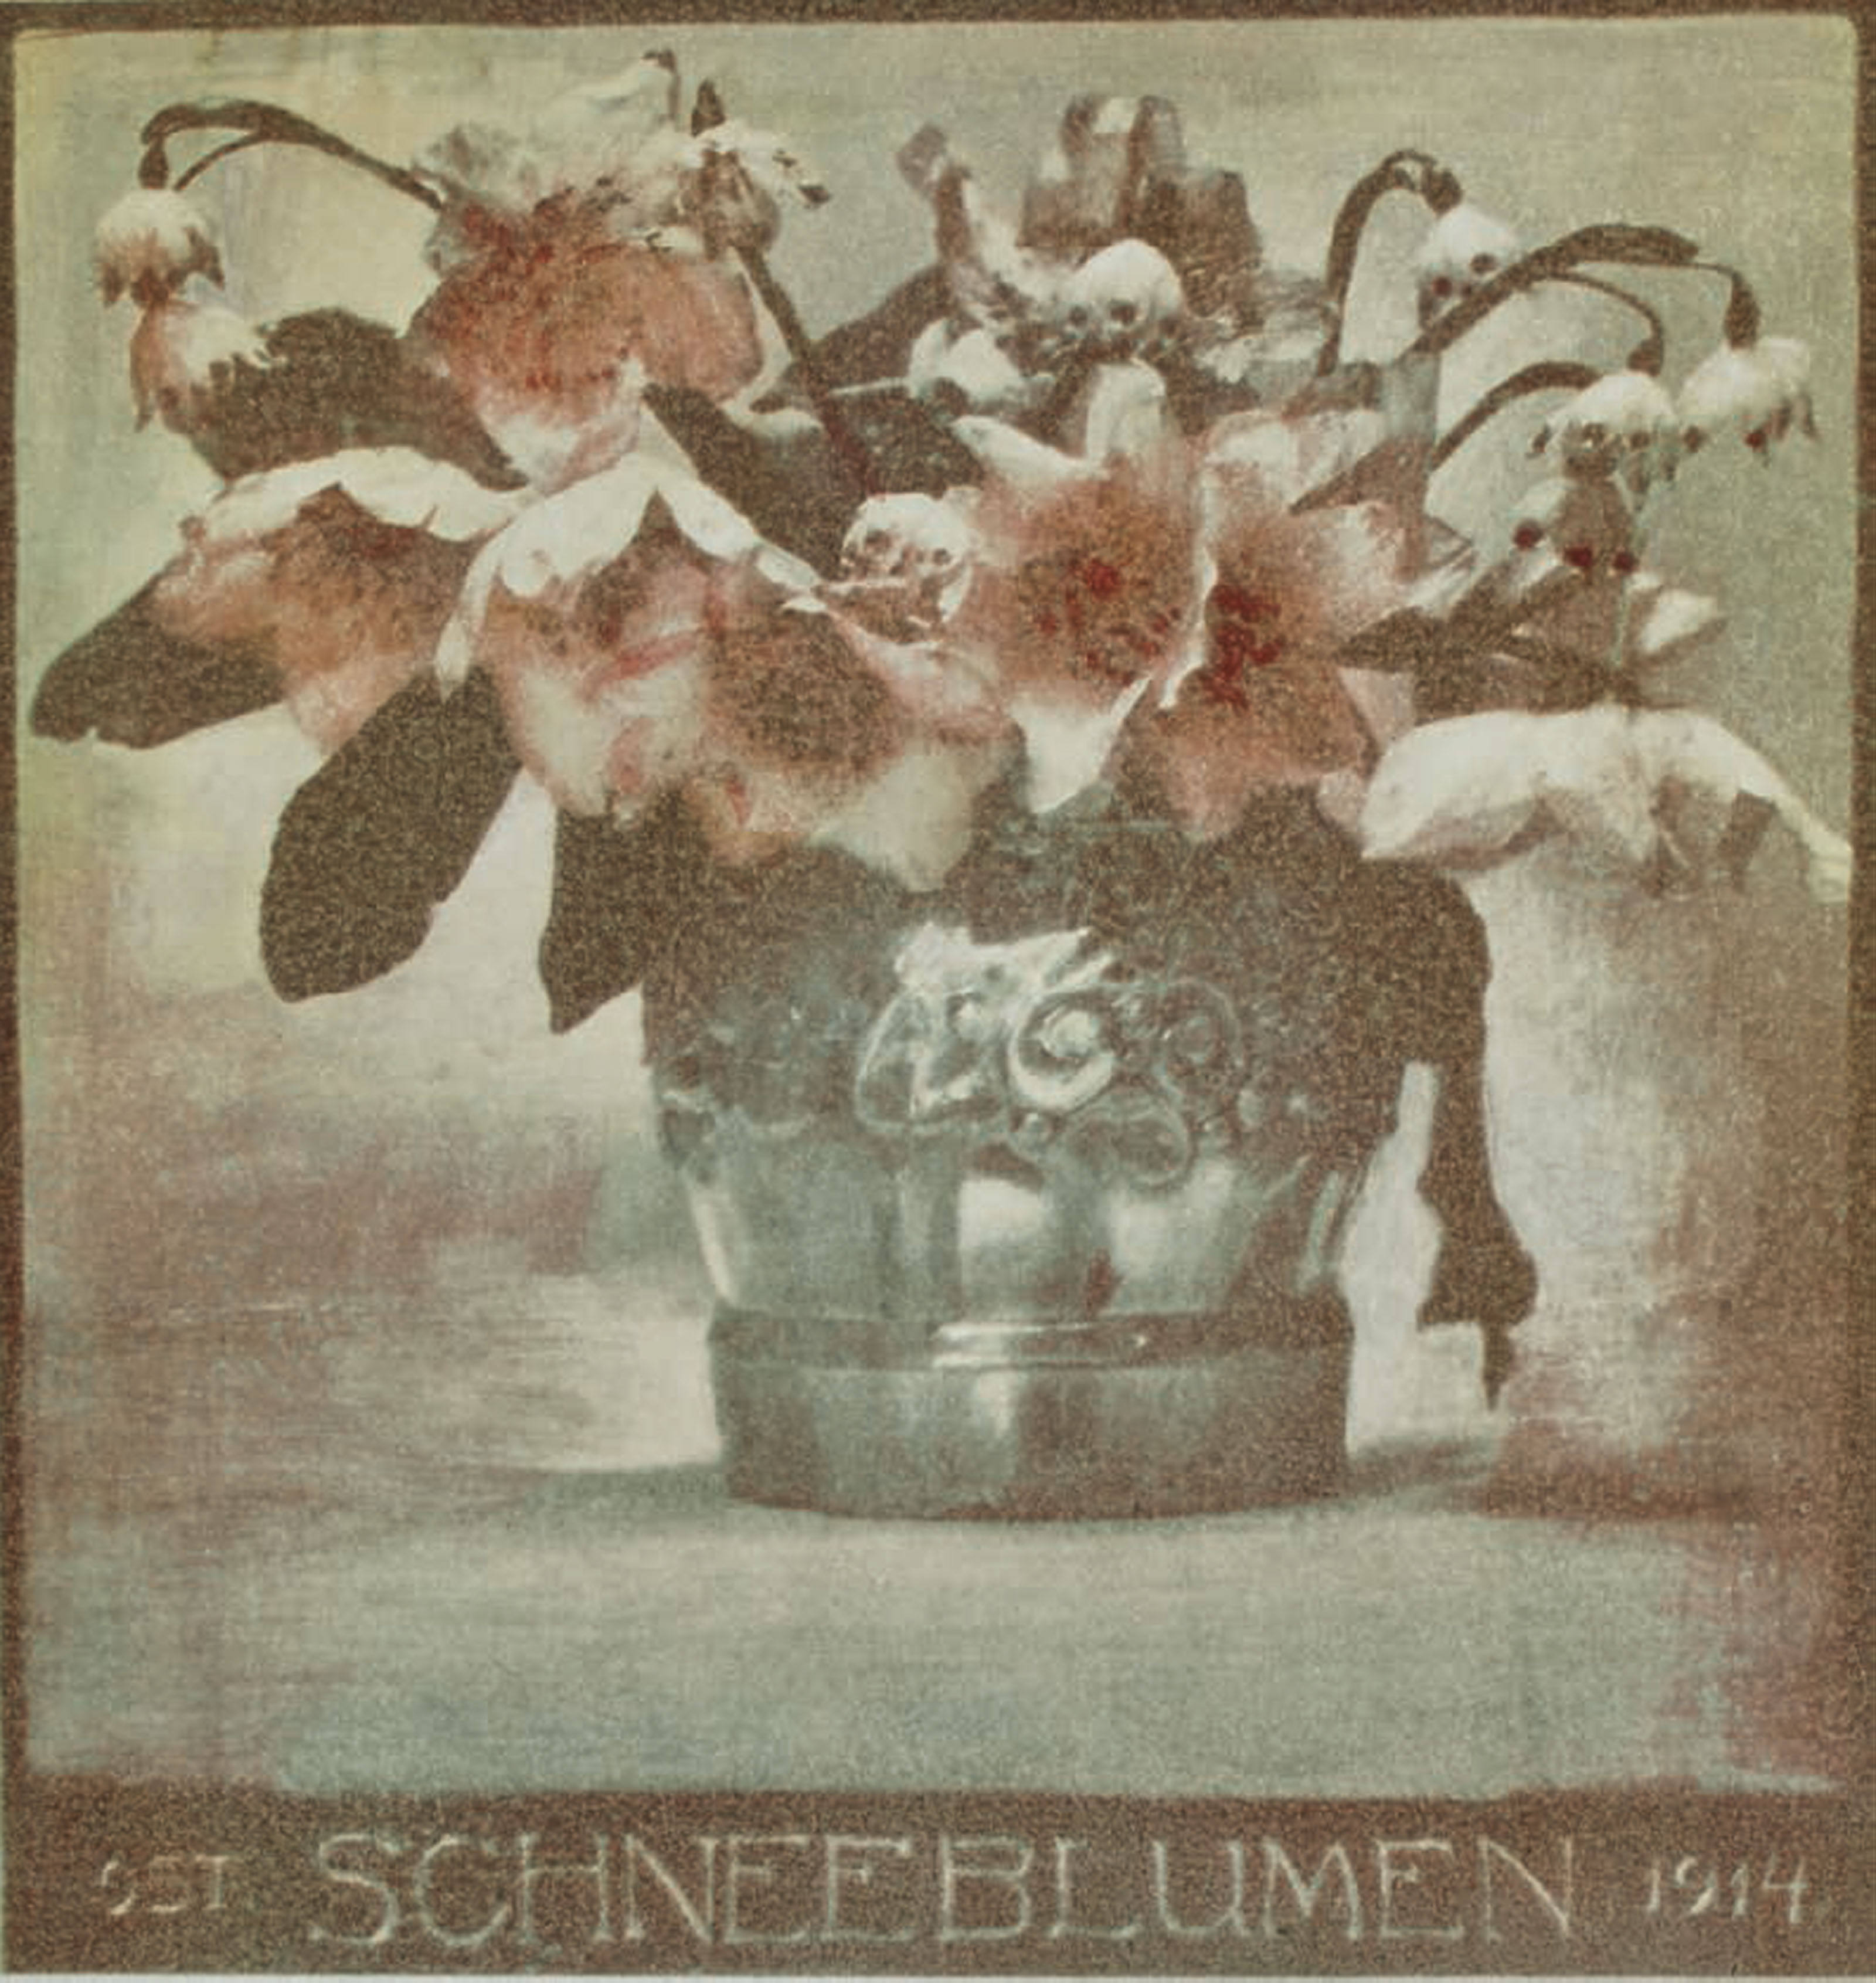 Schneeblumen, 1914